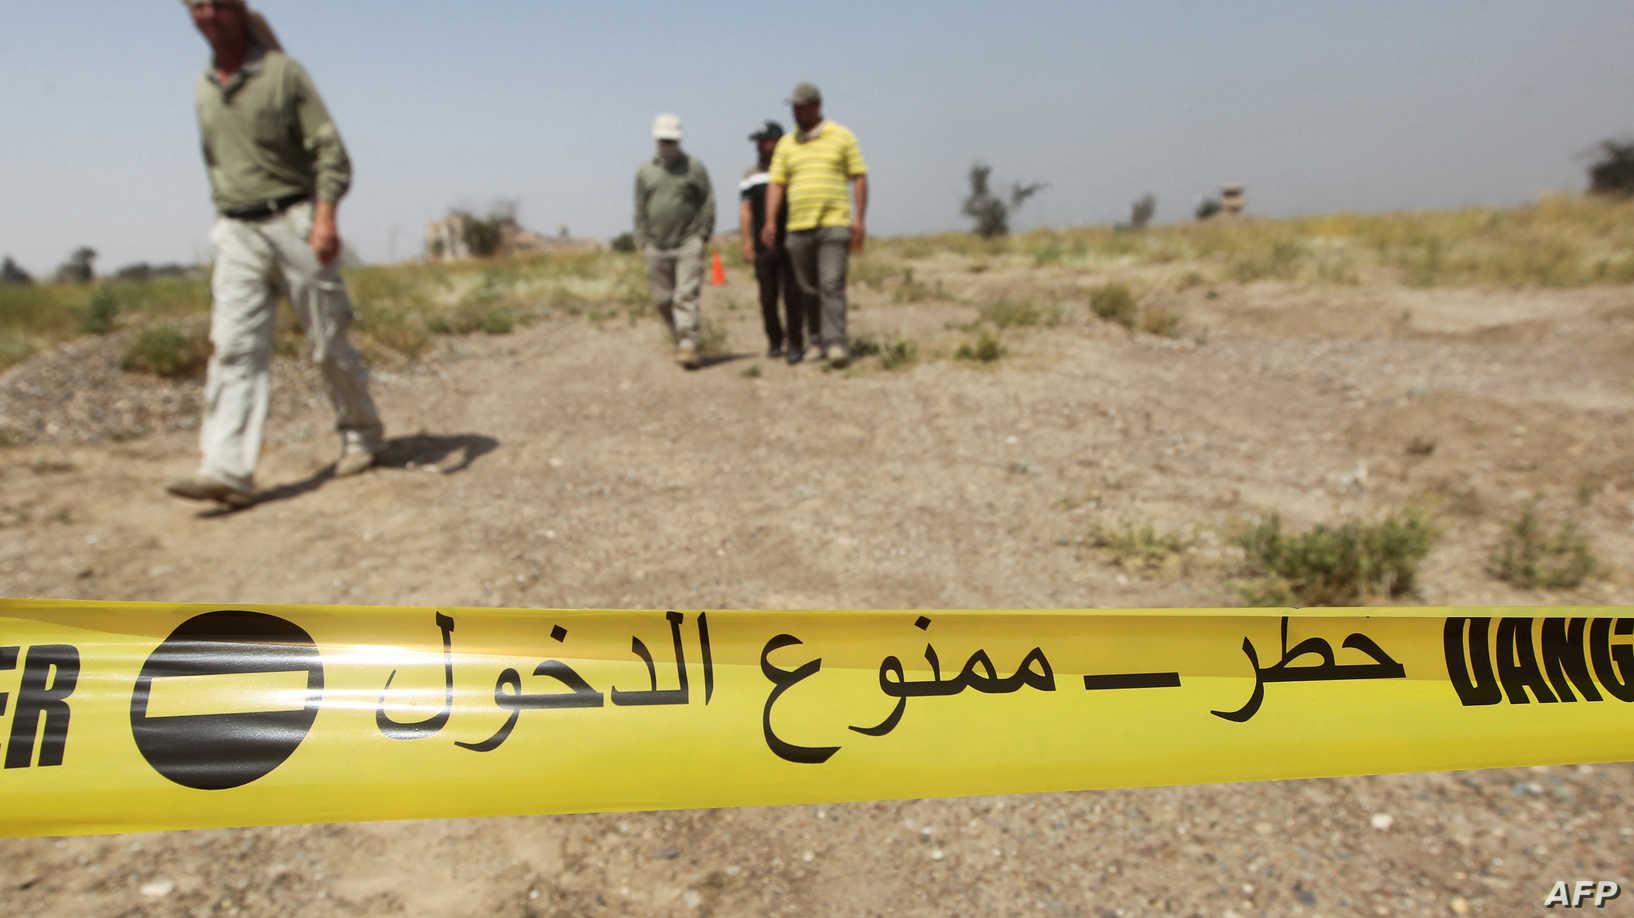 سقوط ضحية وإصابة والده بجروح بإنفجار جنوبي الموصل